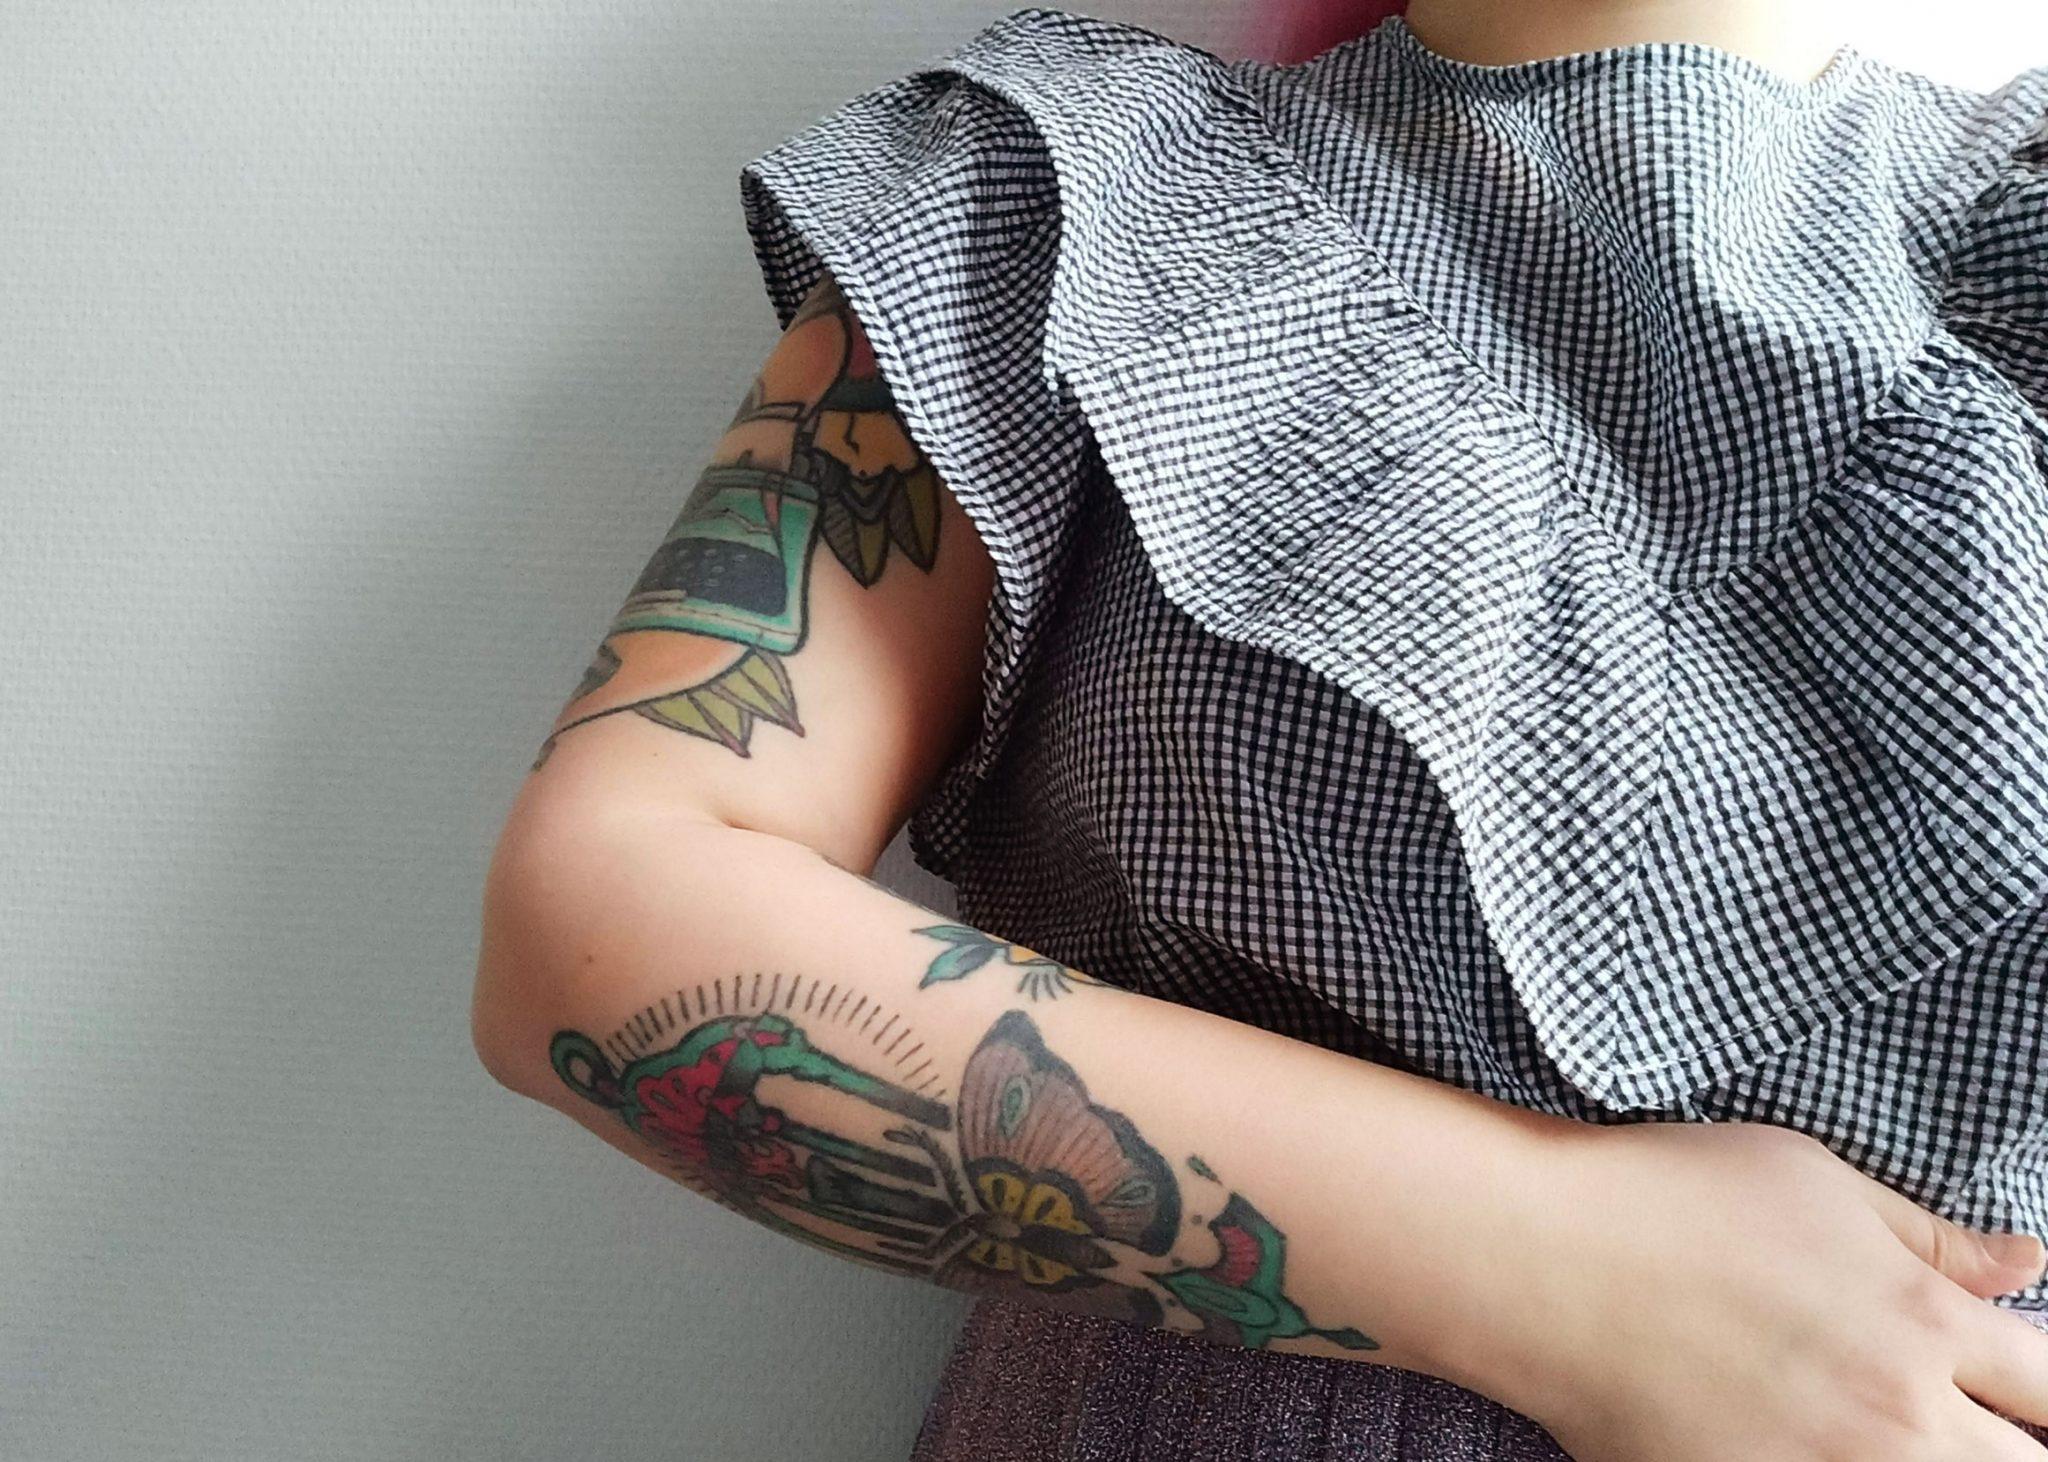 Lähikuva kädestä jossa on tatuointeja